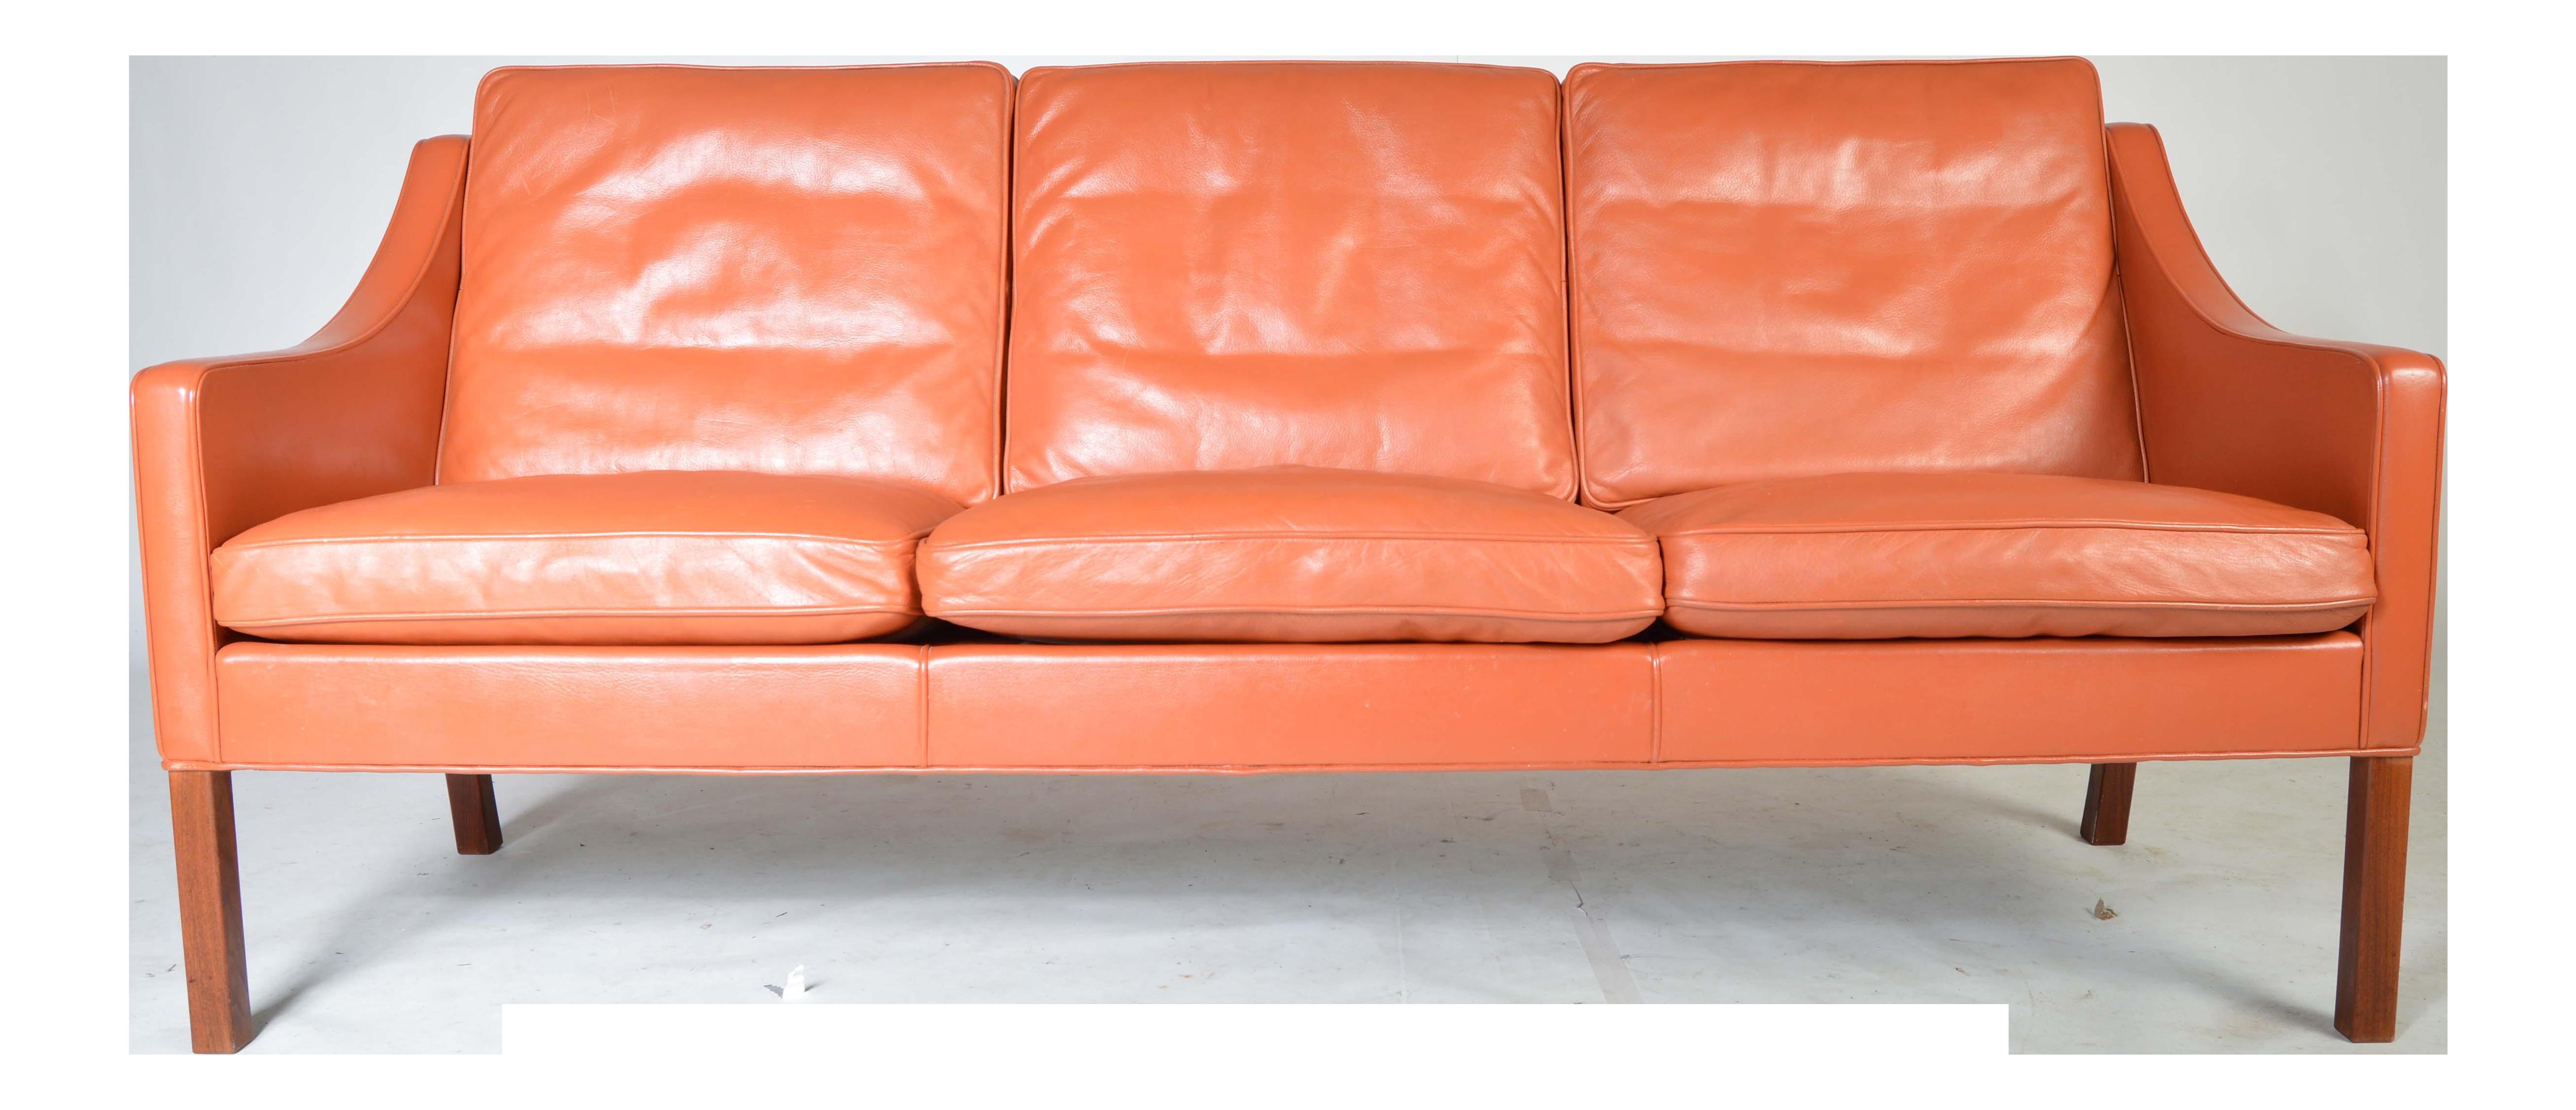 Borge Mogensen for Fredericia Danish Modern Sofa Model 2209 1978